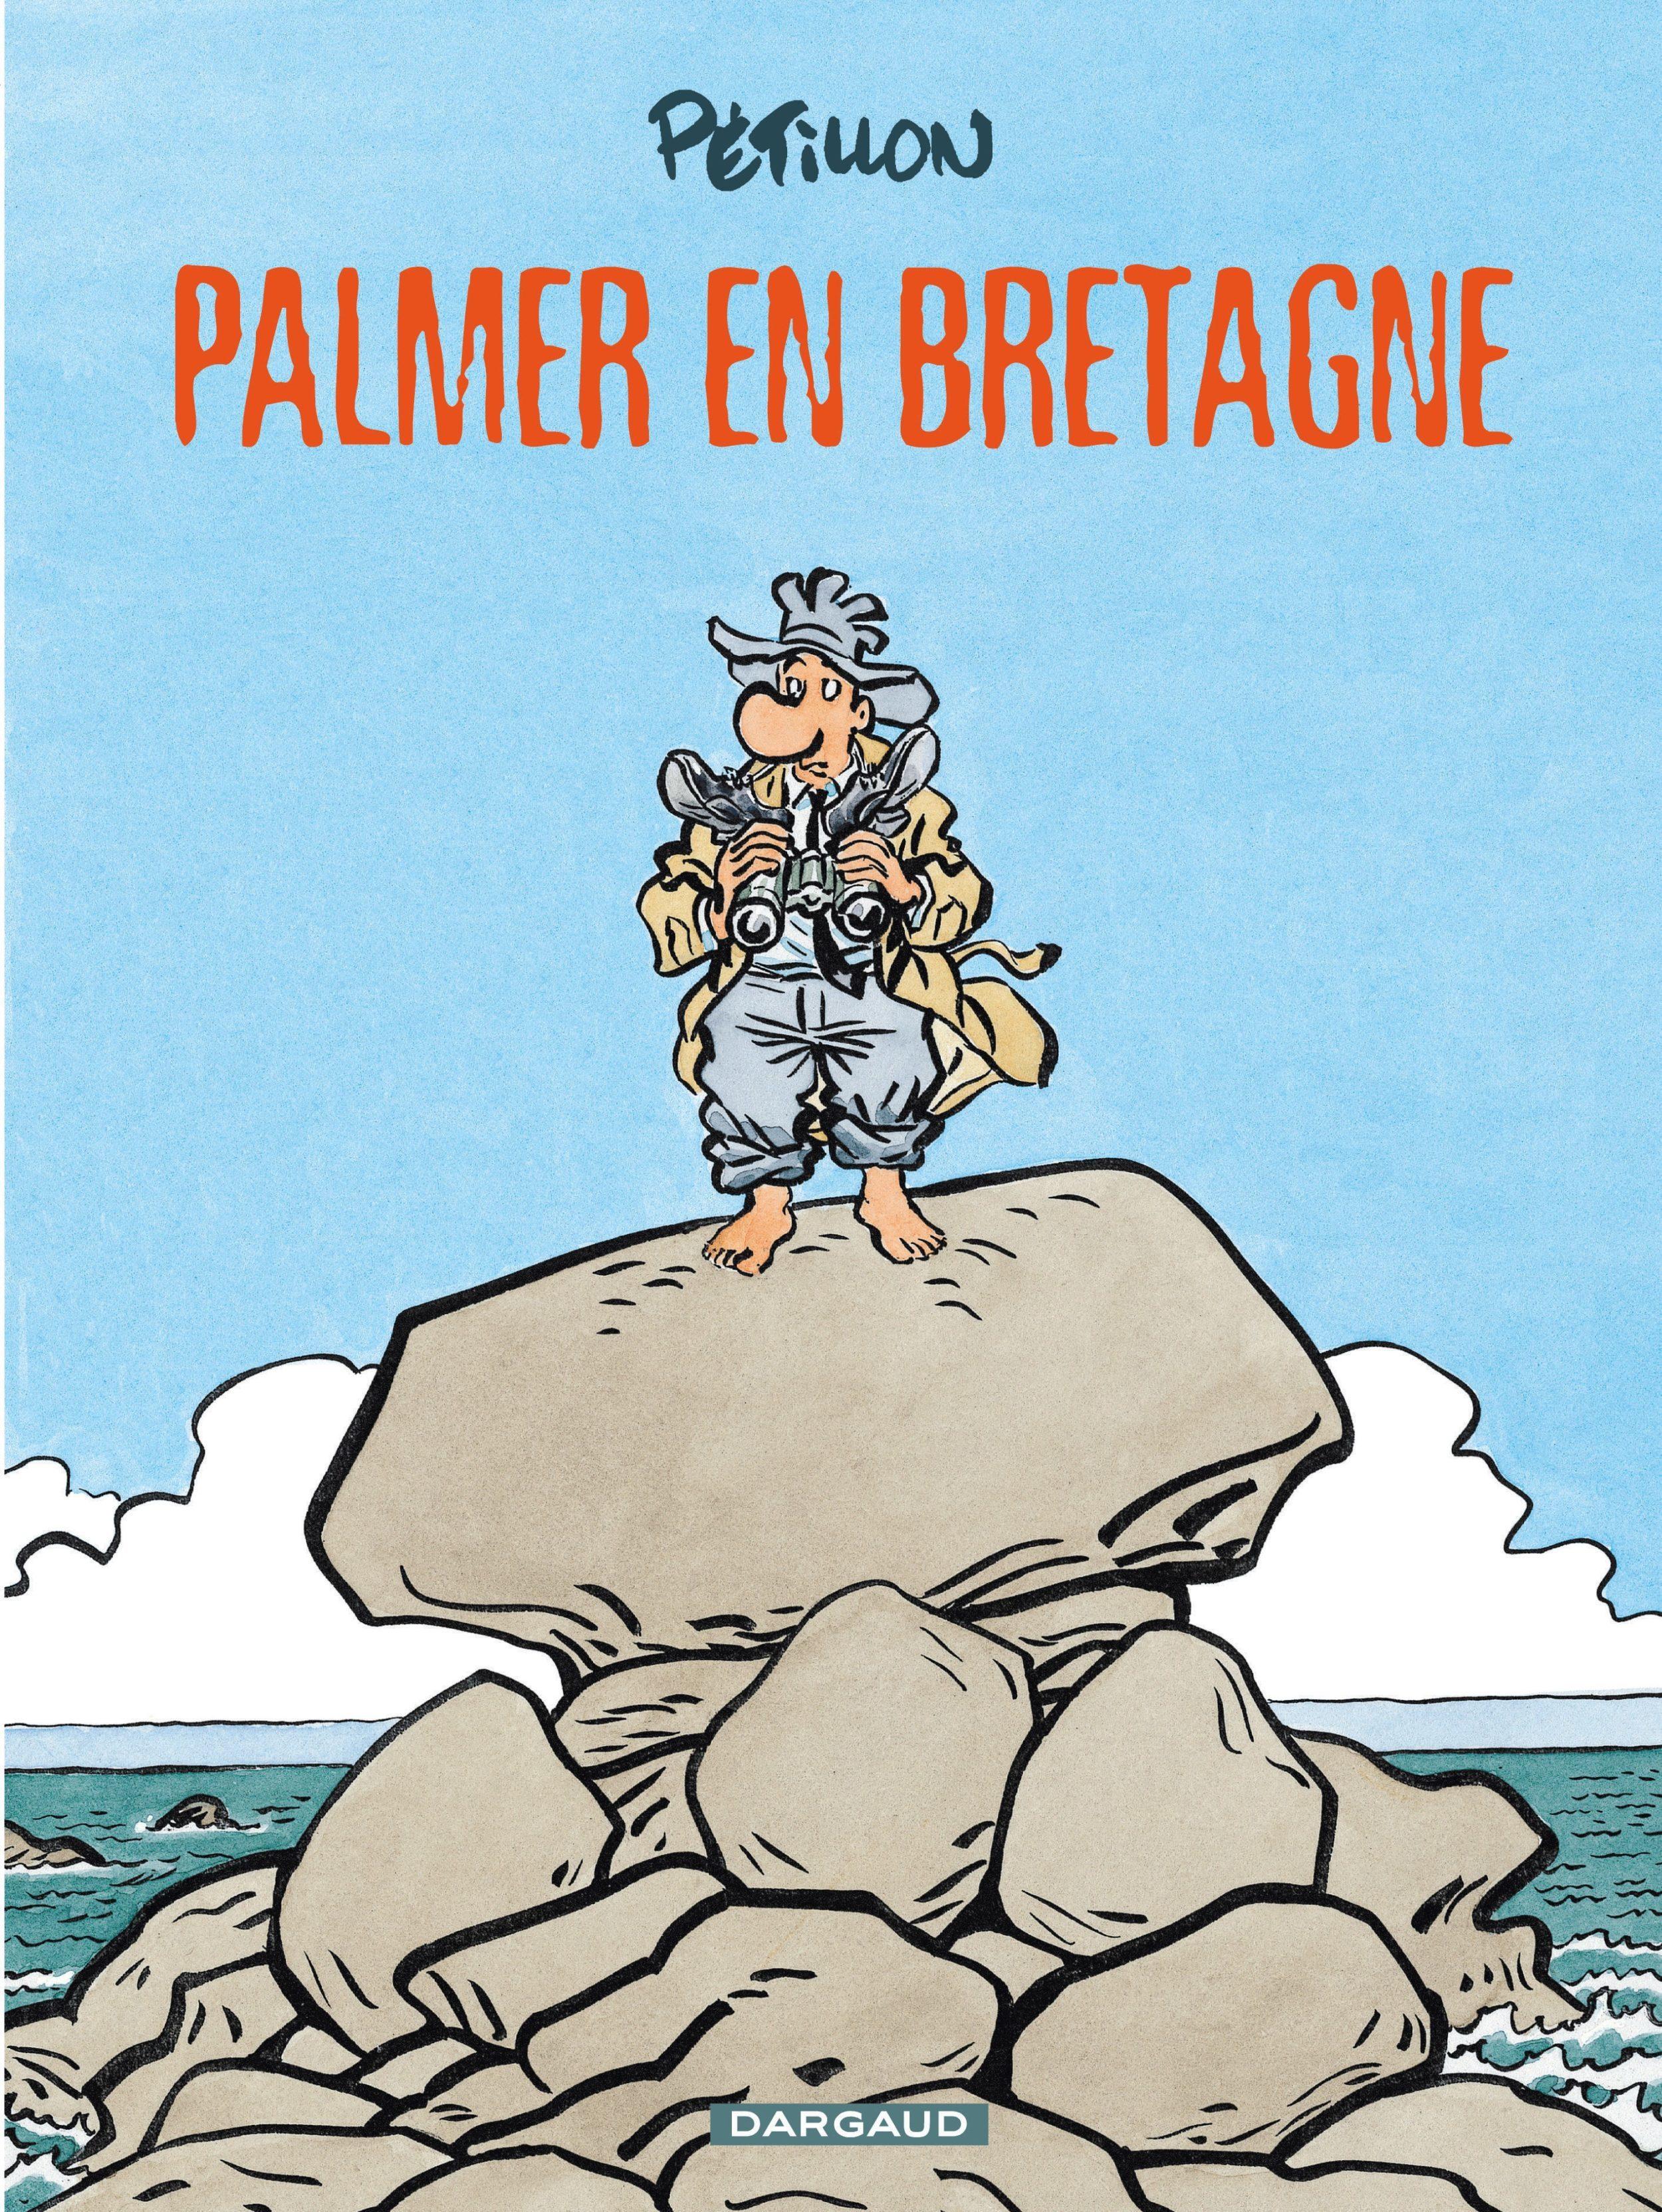 Jack Palmer en Bretagne, vive les bretons au chapeau rond